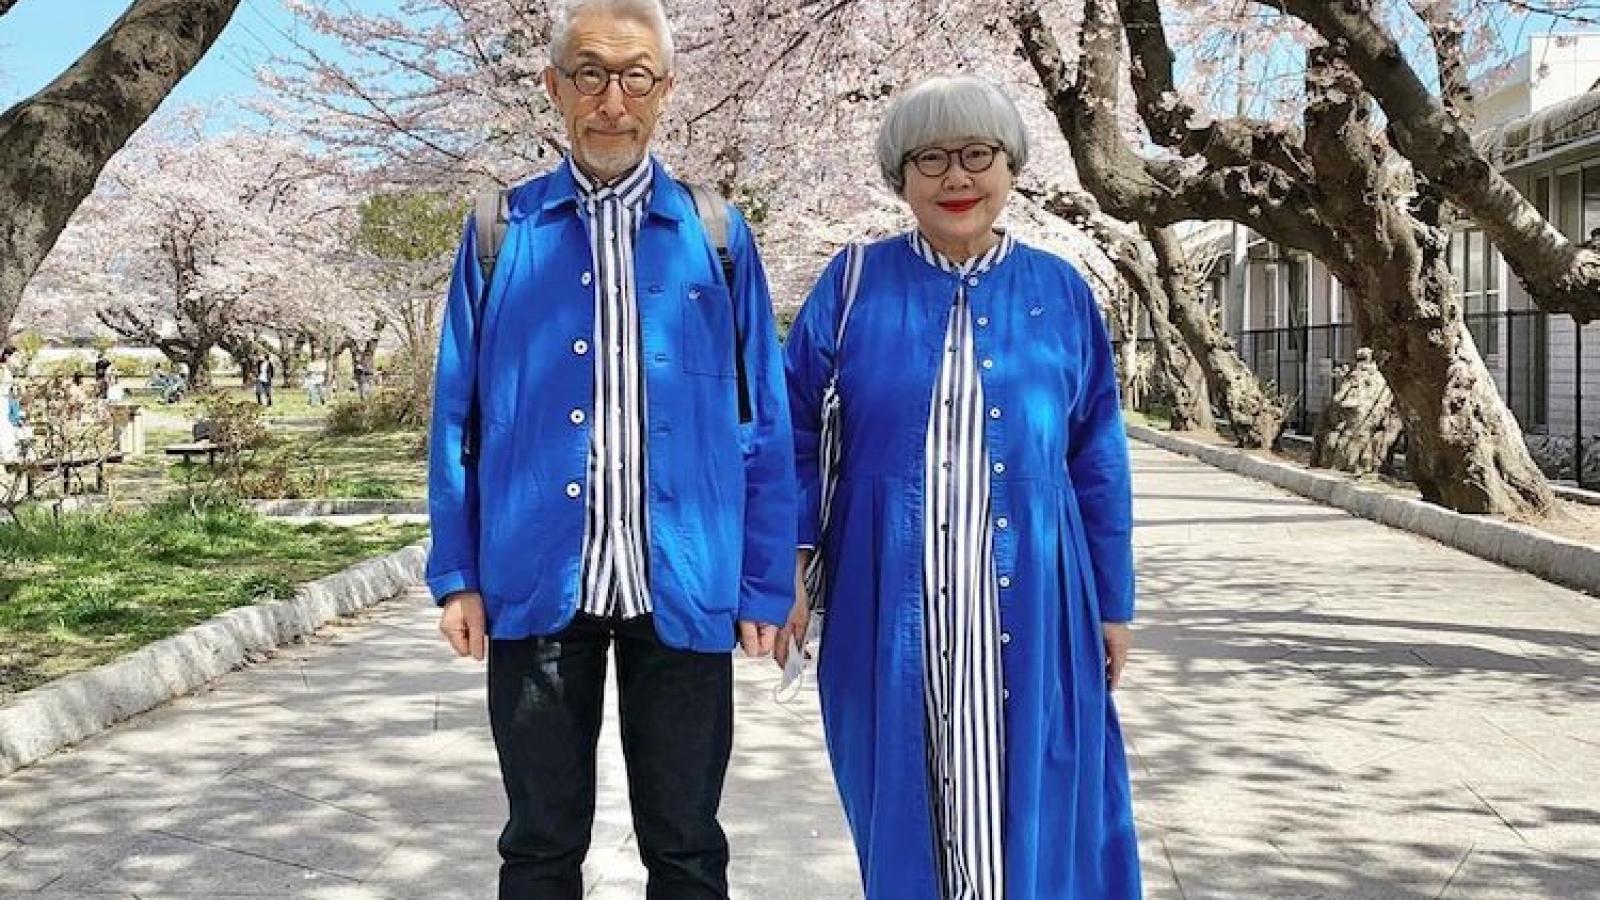 Kết hôn 41 năm, vẫn thích diện đồ đôi đi dạo cùng nhau